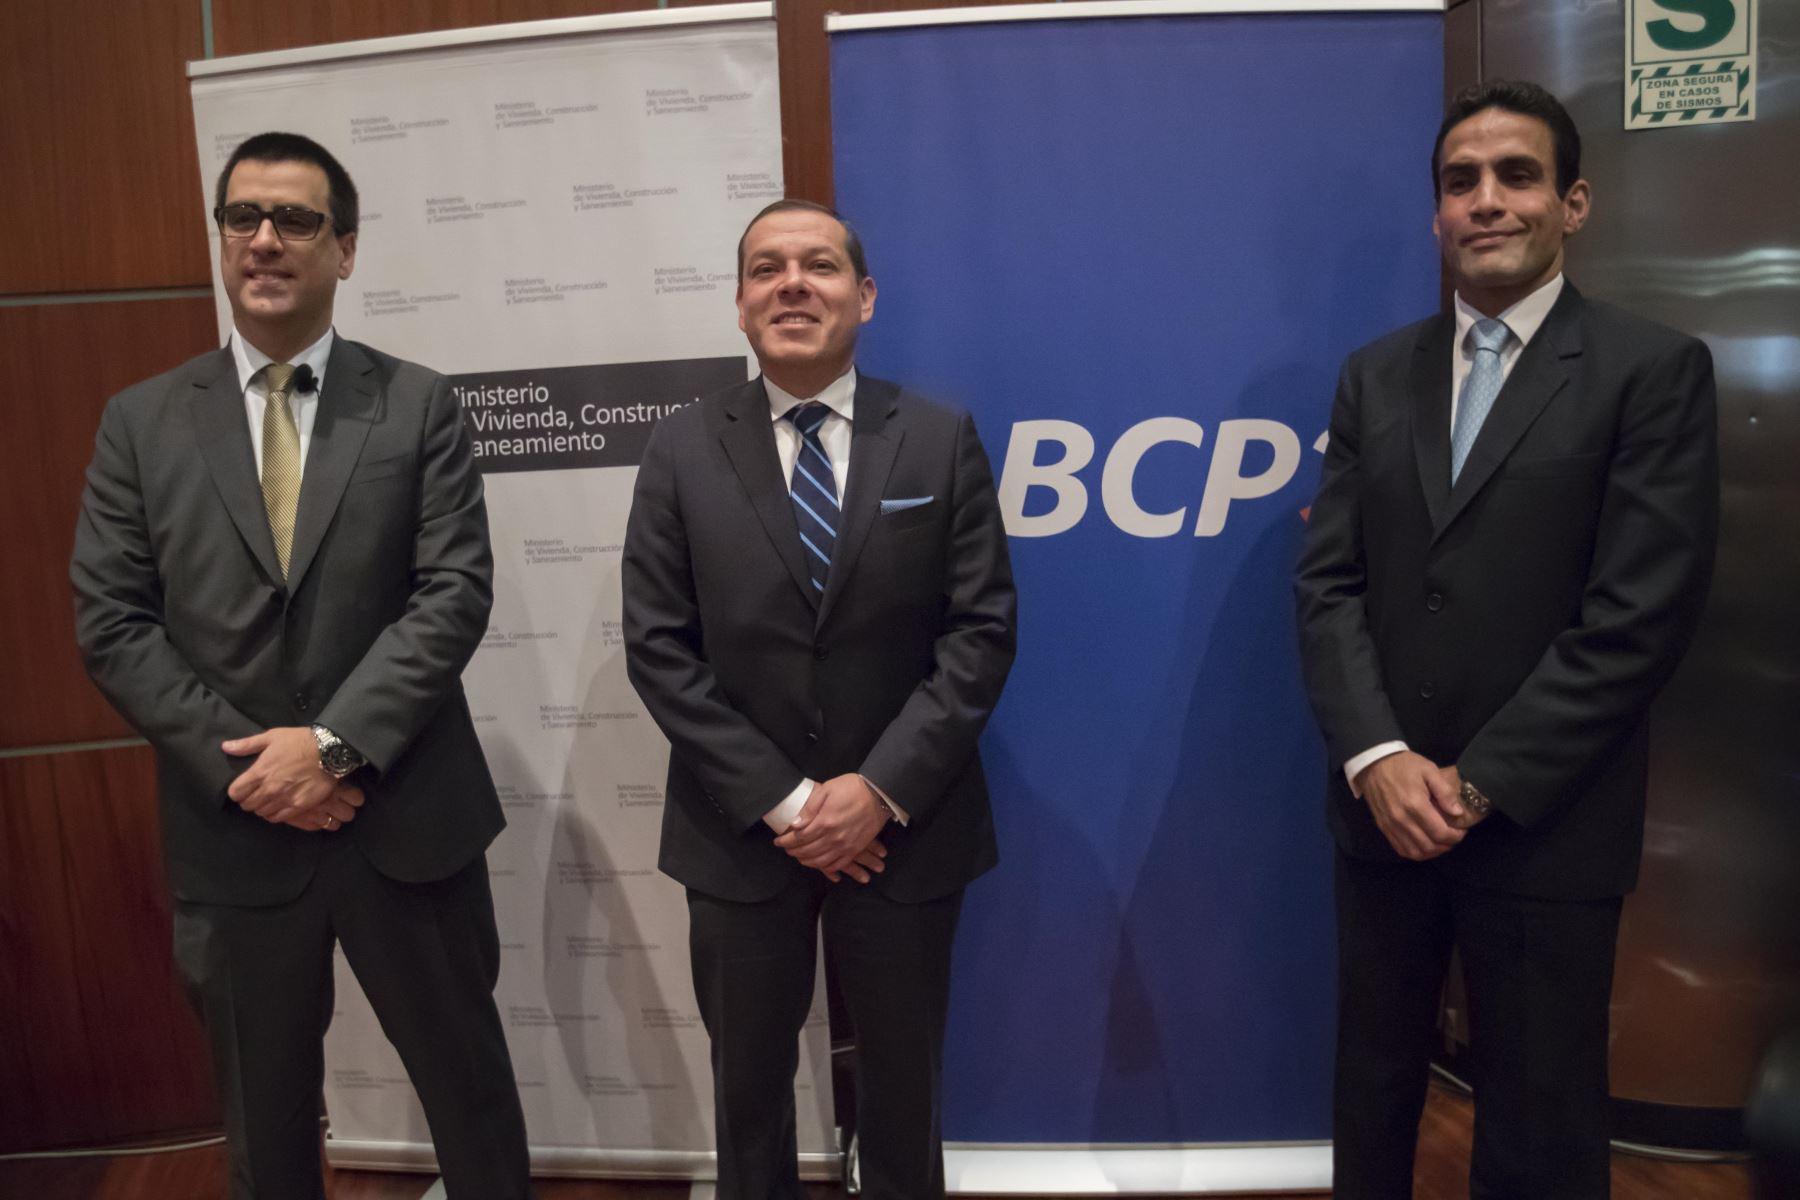 Viceministro de Vivienda y Urbanismo, Jorge Arévalo, flanqueado por ejecutivos del BCP.